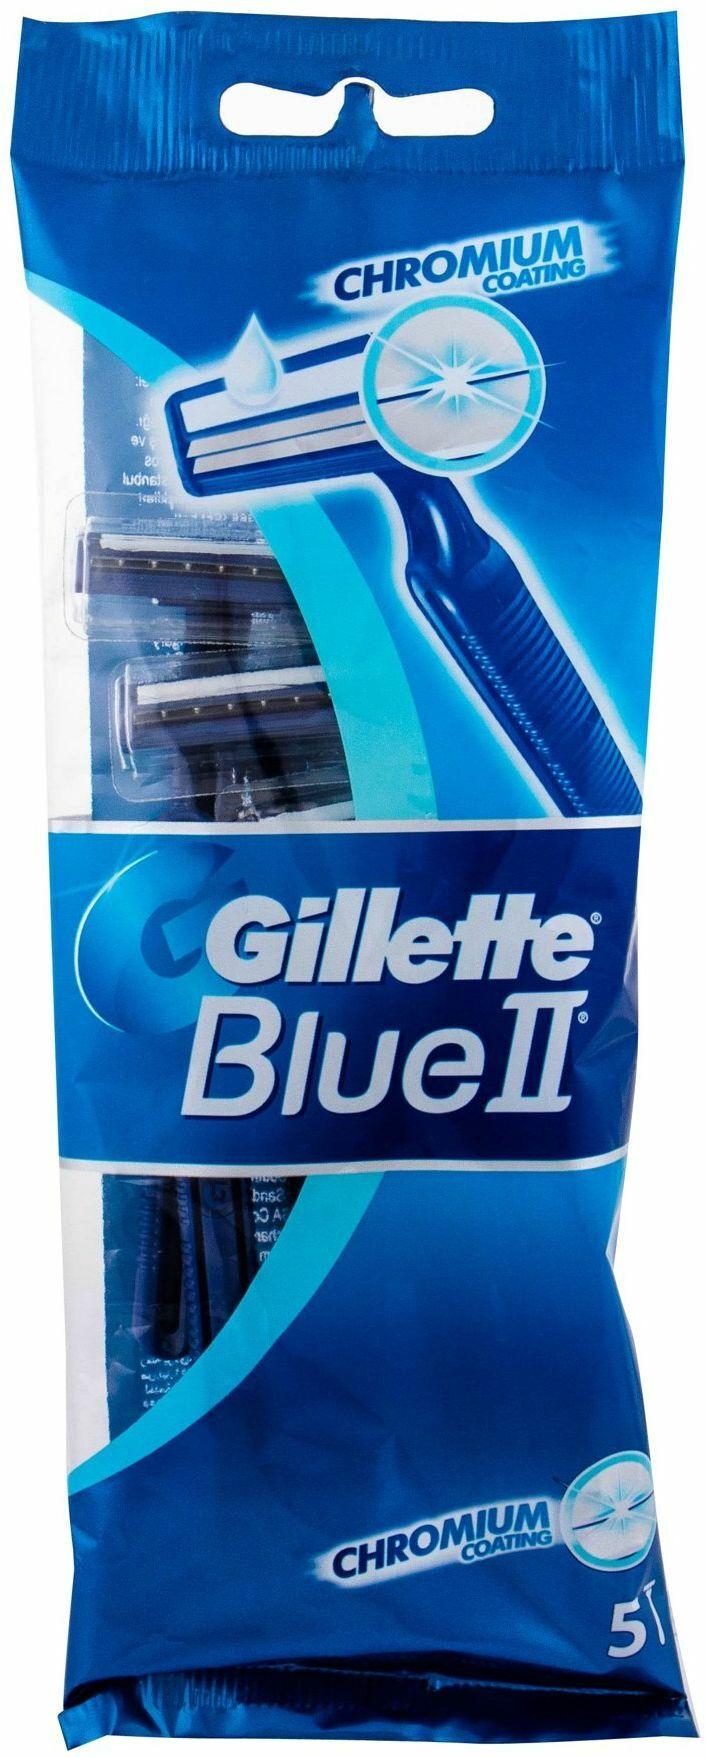 Gillette Blue